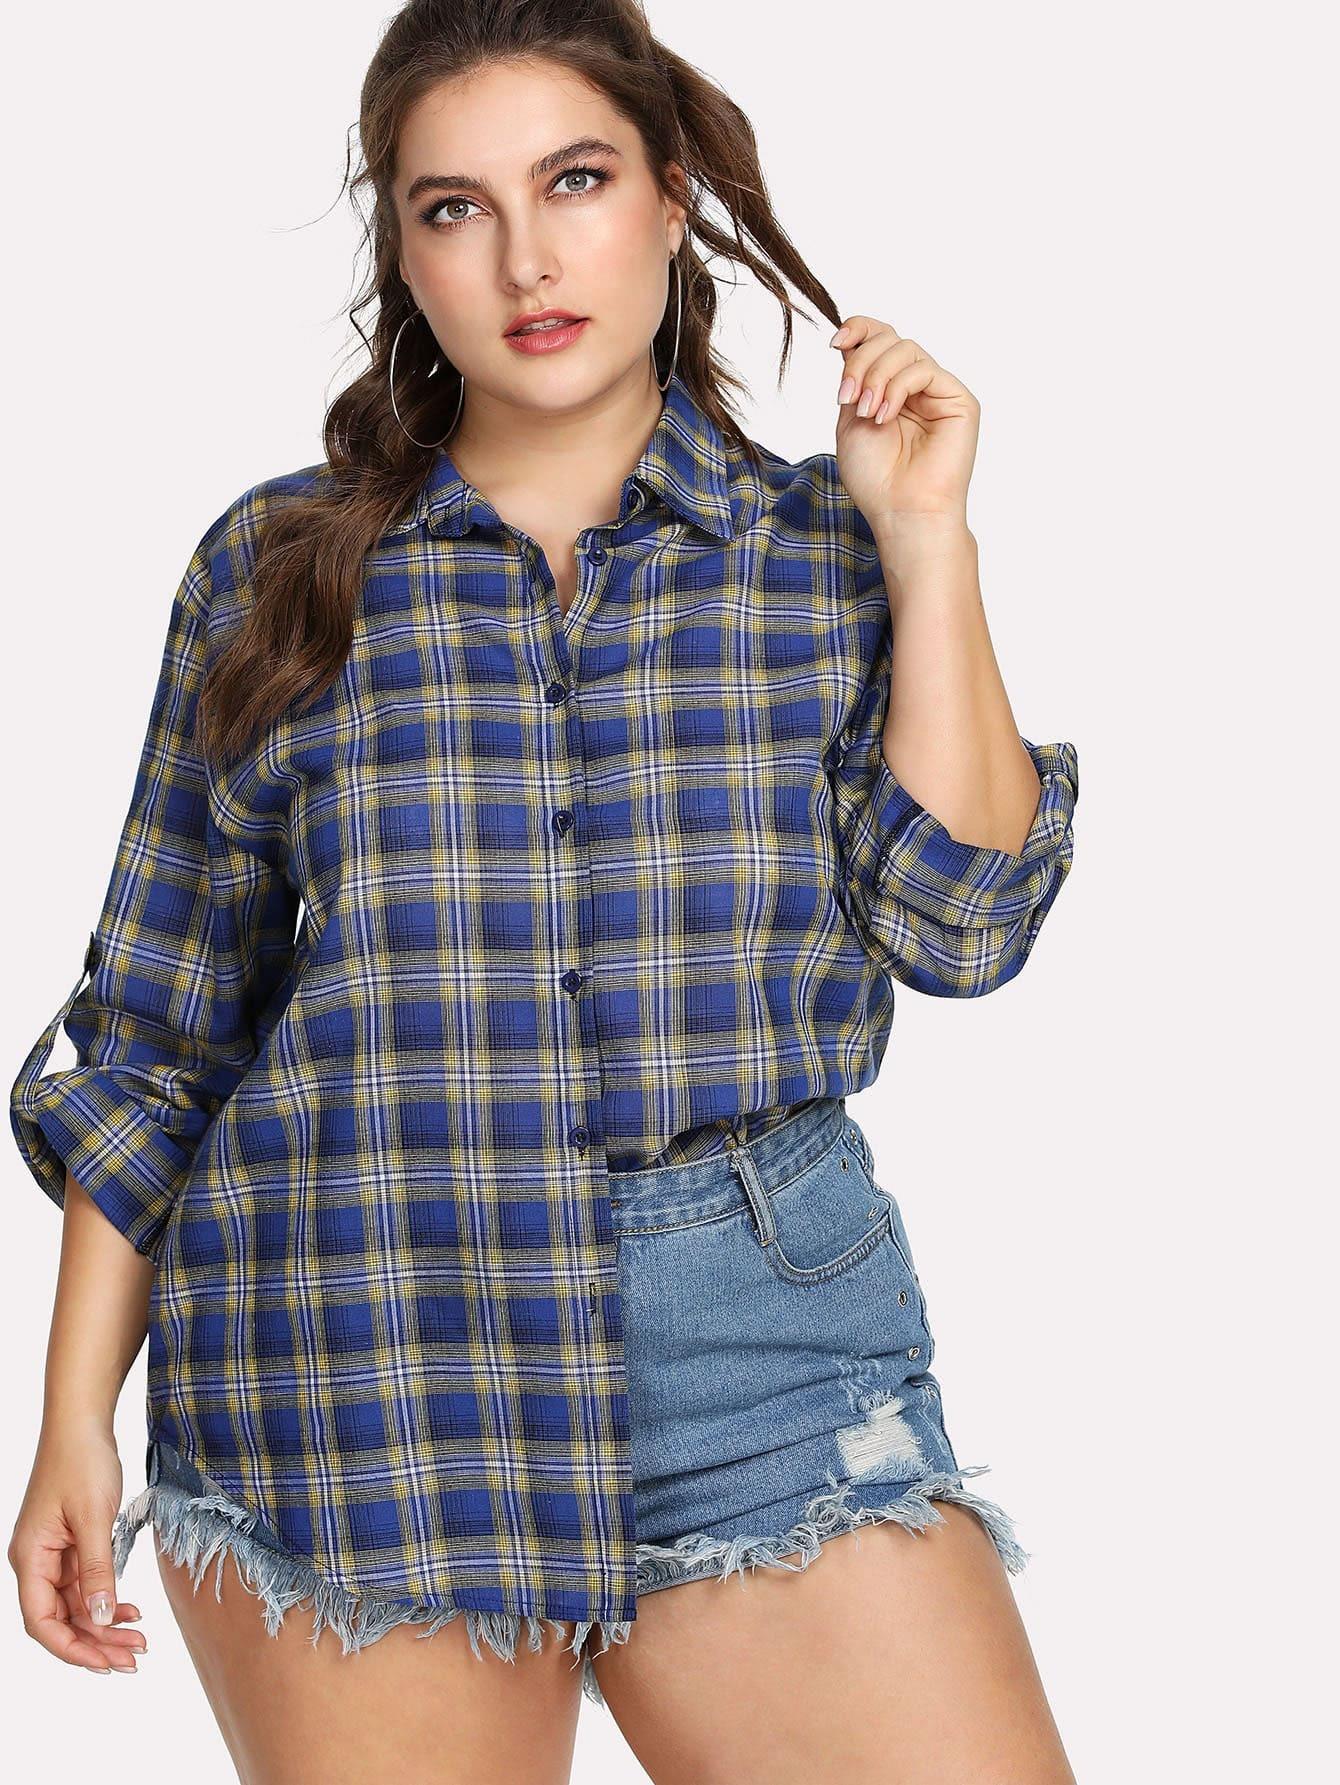 Roll Tab Sleeve Plaid Shirt stoosh new salmon juniors roll tab sleeve plaid shirt s $34 dbfl